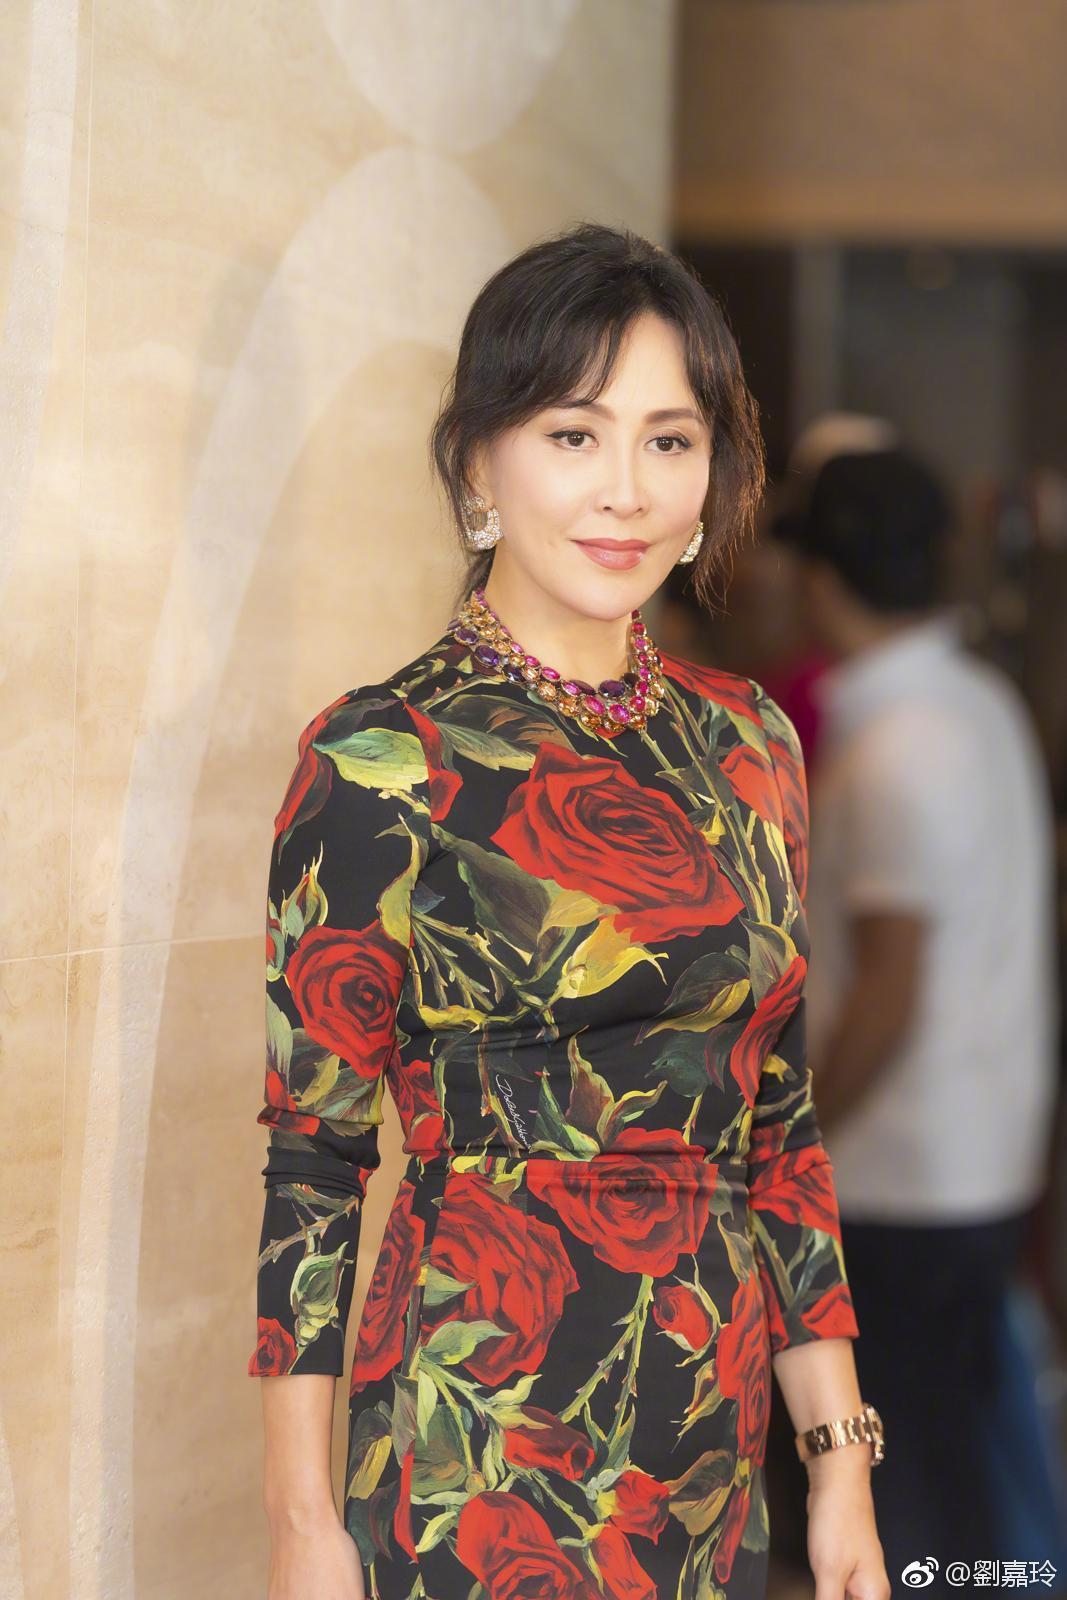 第一次看刘嘉玲穿这么保守,全身花朵的裙子,不难看还挺显气质!